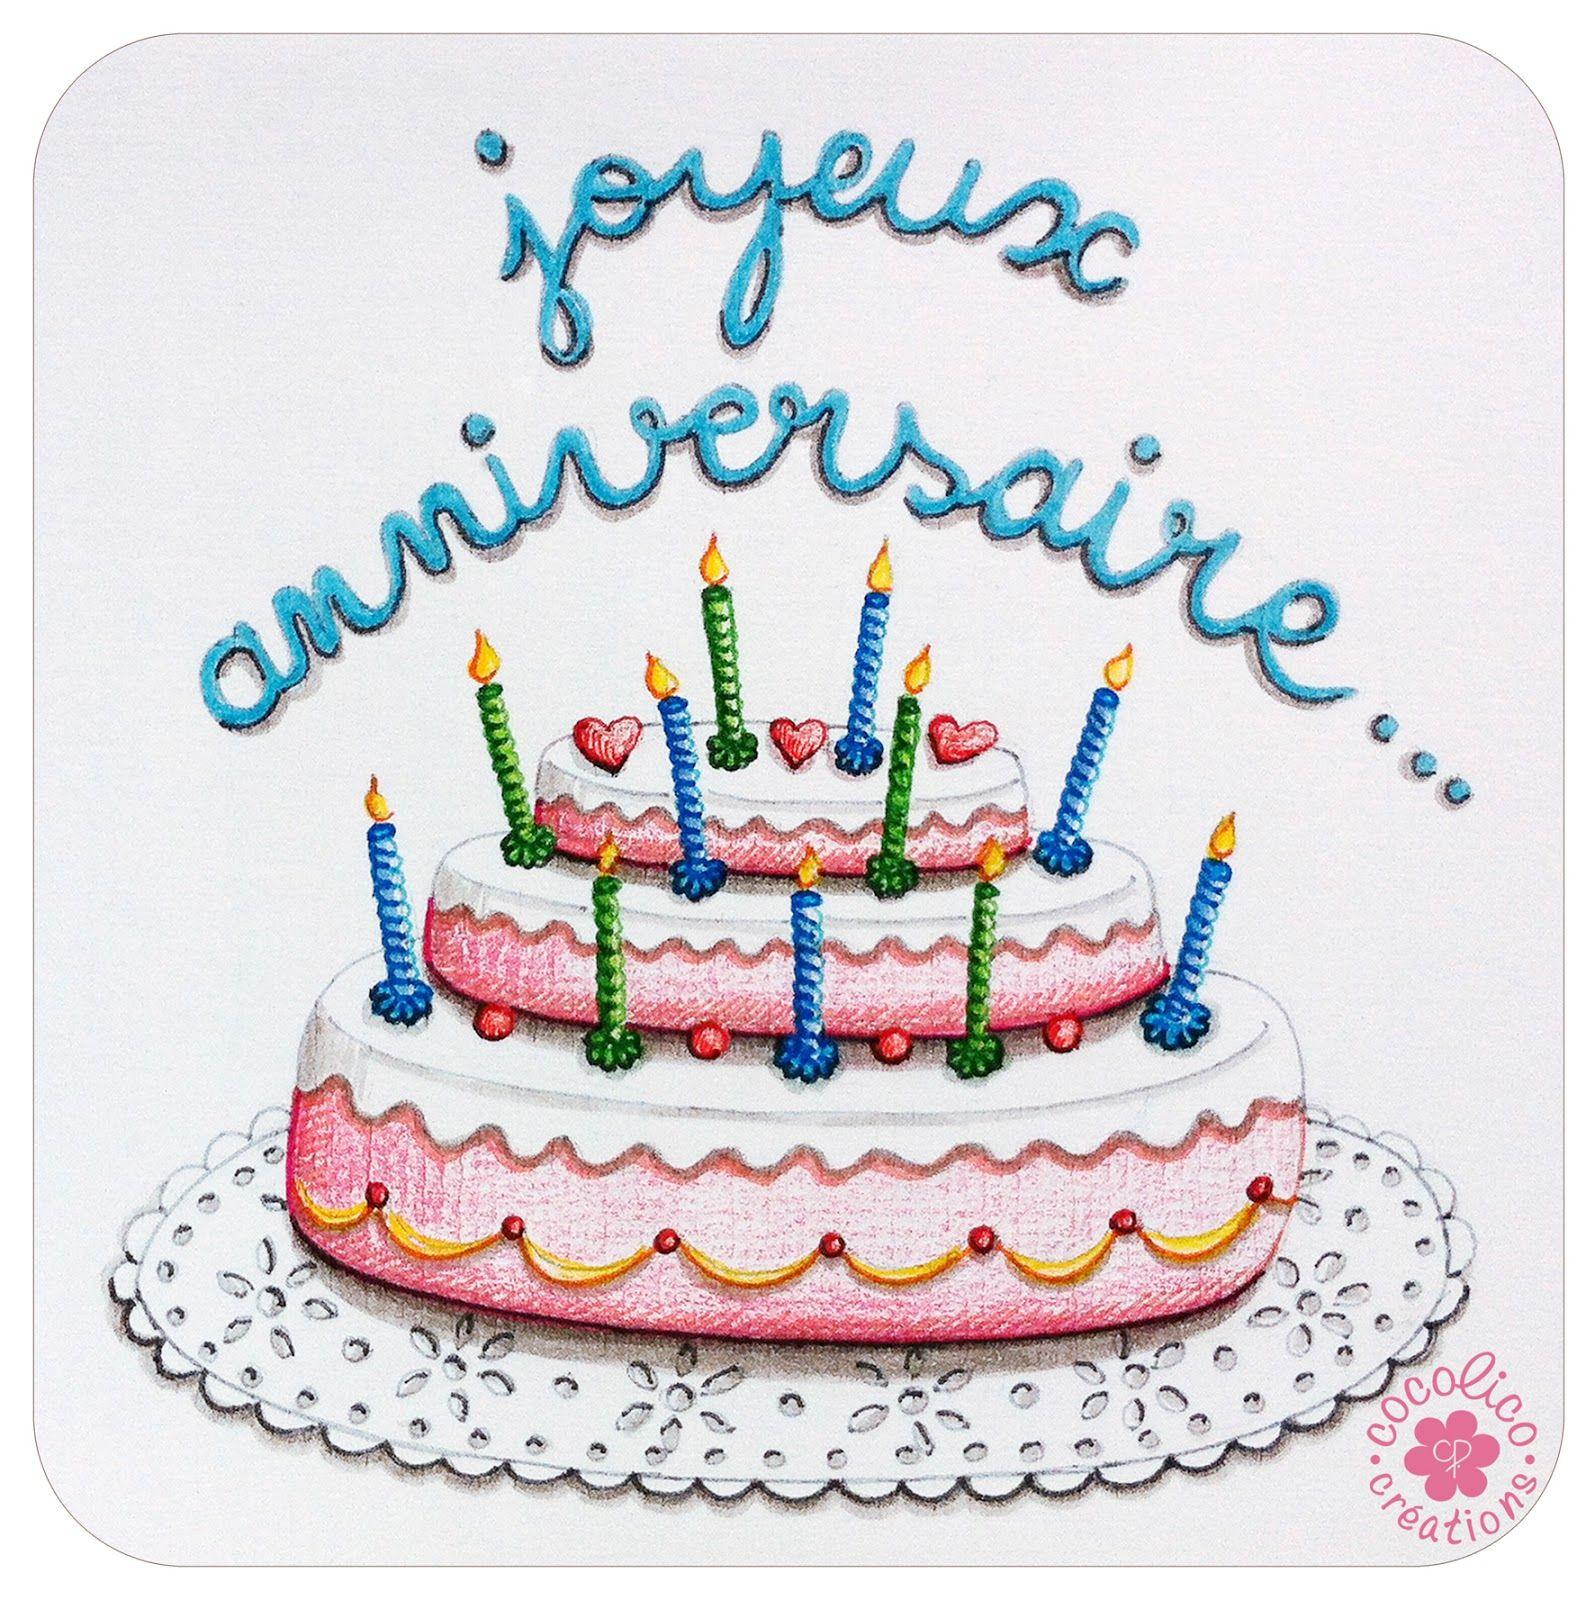 Dessin gateau anniversaire humoristique coloriage - Dessin sur gateau anniversaire ...